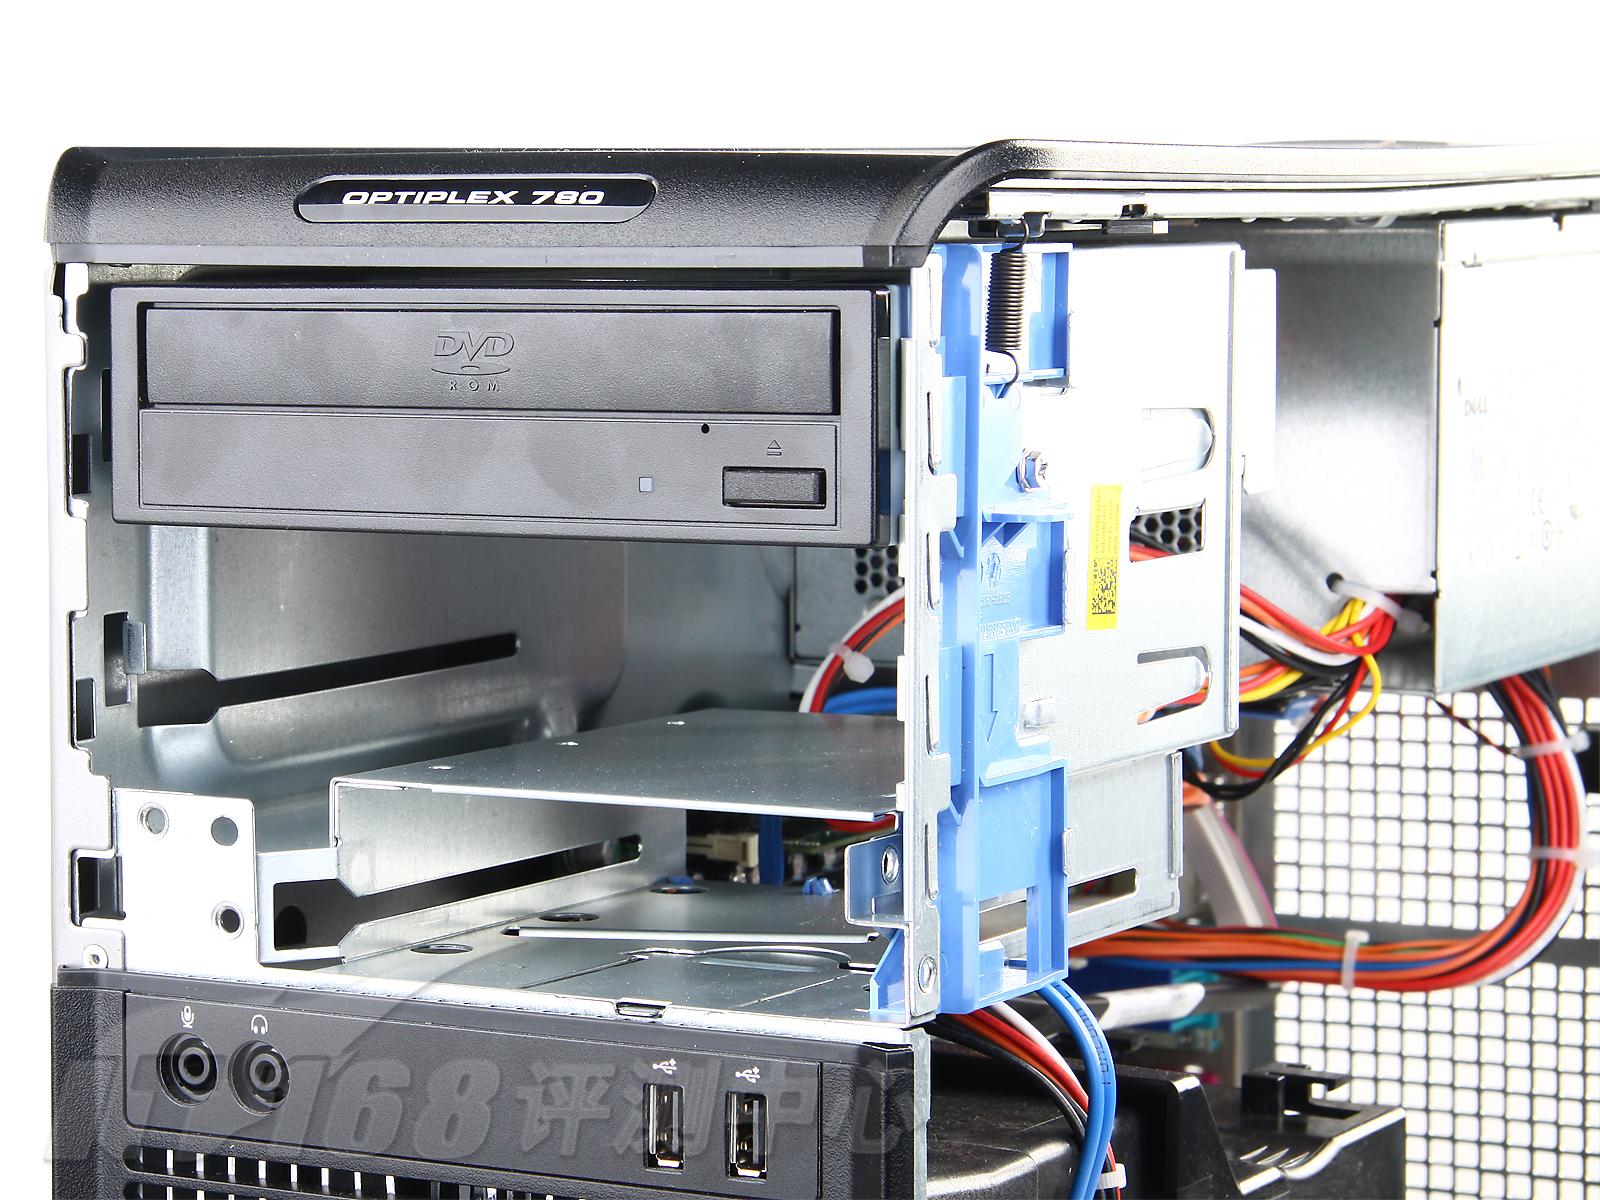 电脑主机外观图解